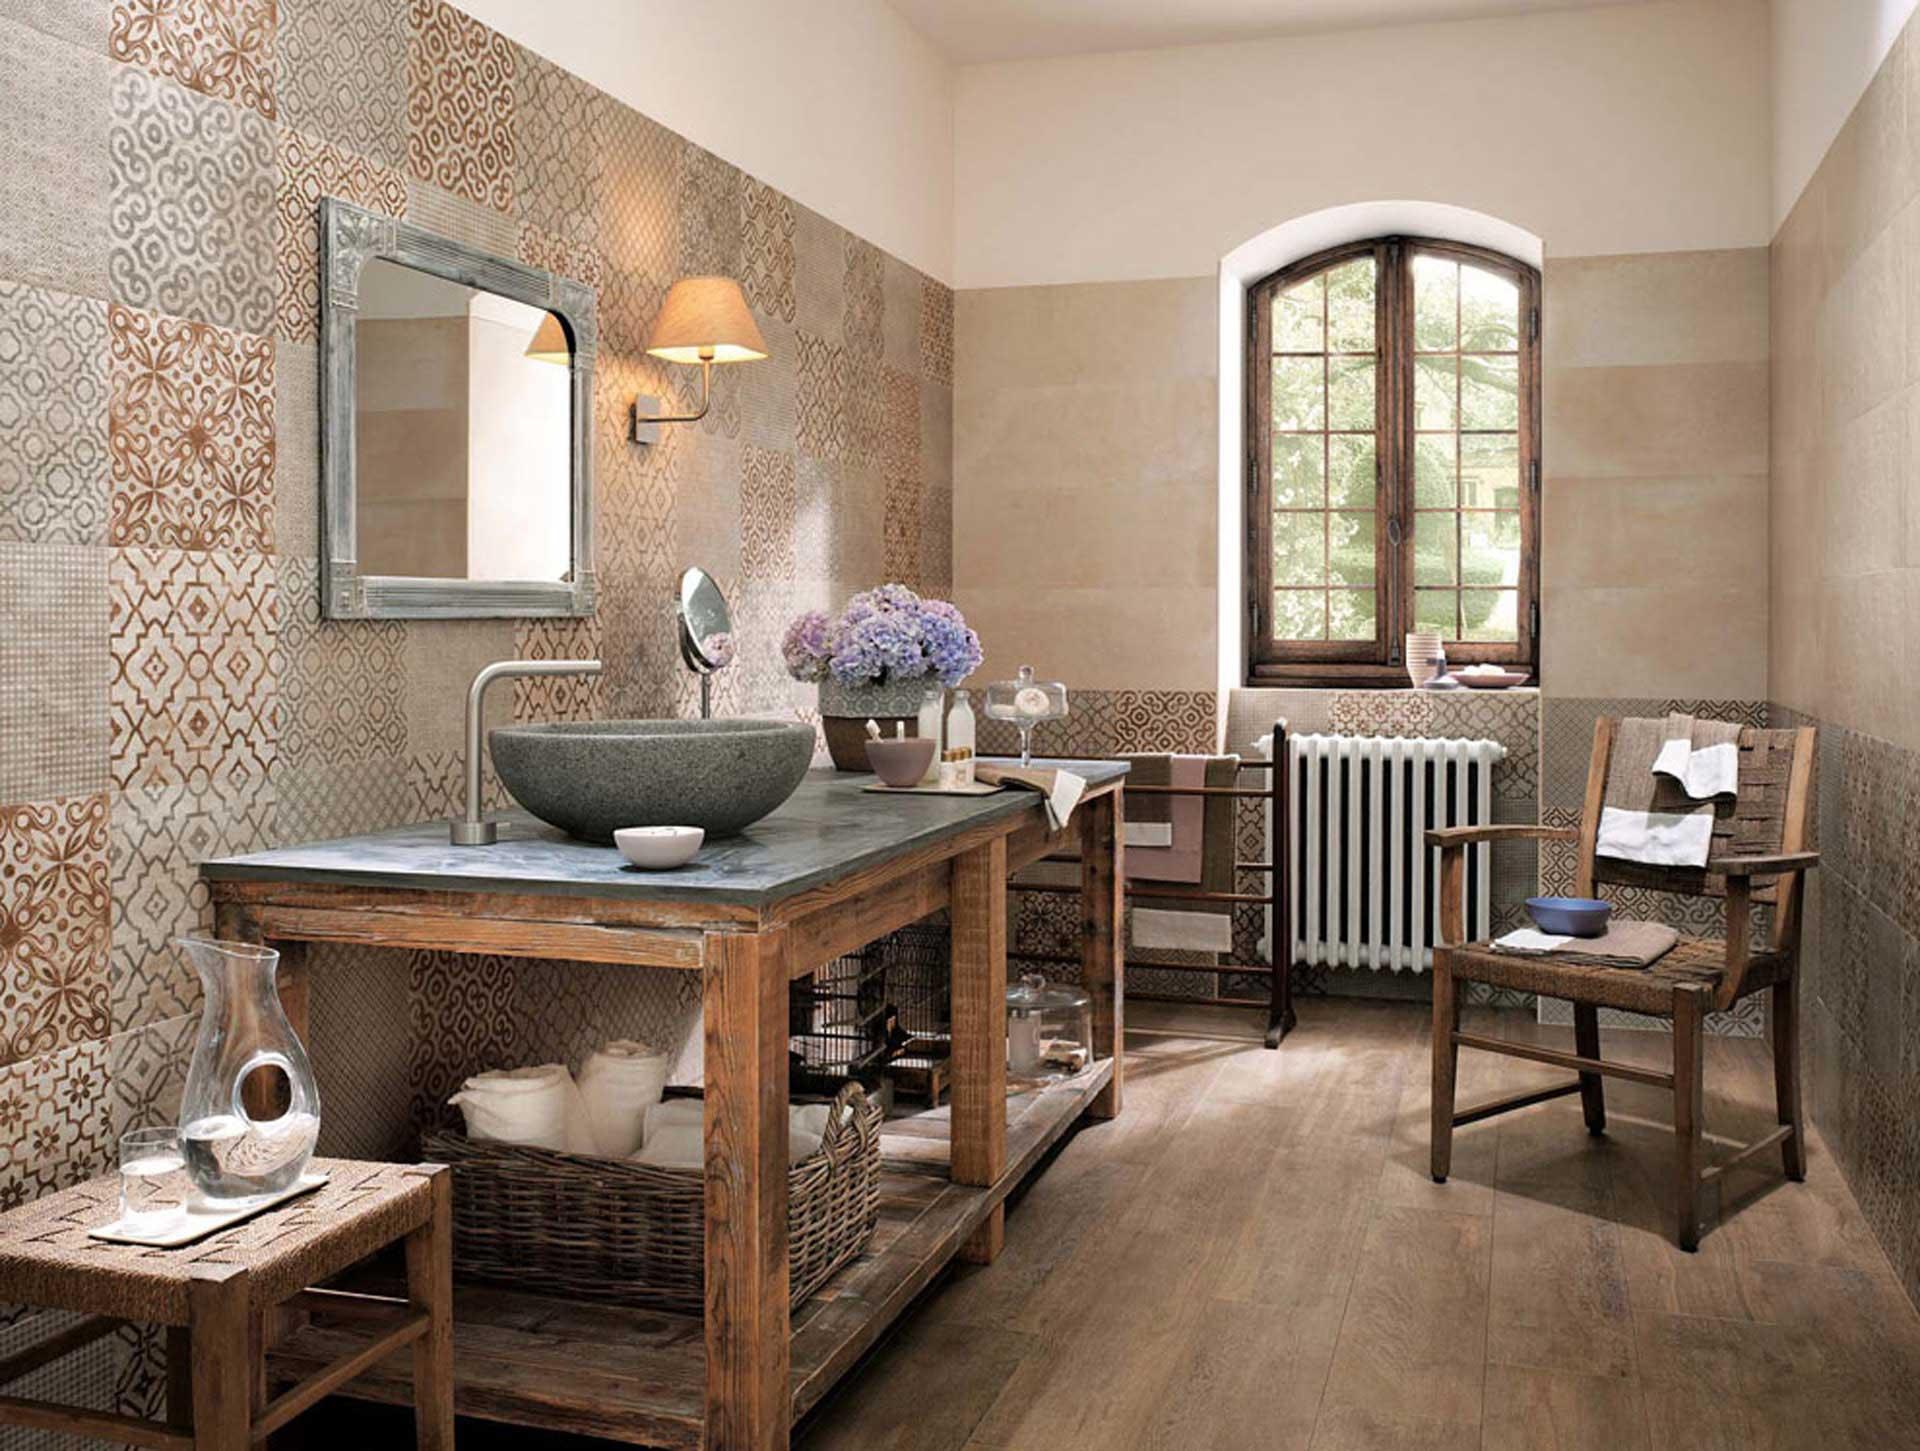 Bagno shabby chic con lavabo in pietra lavandino in marmo - Bagno shabby immagini ...